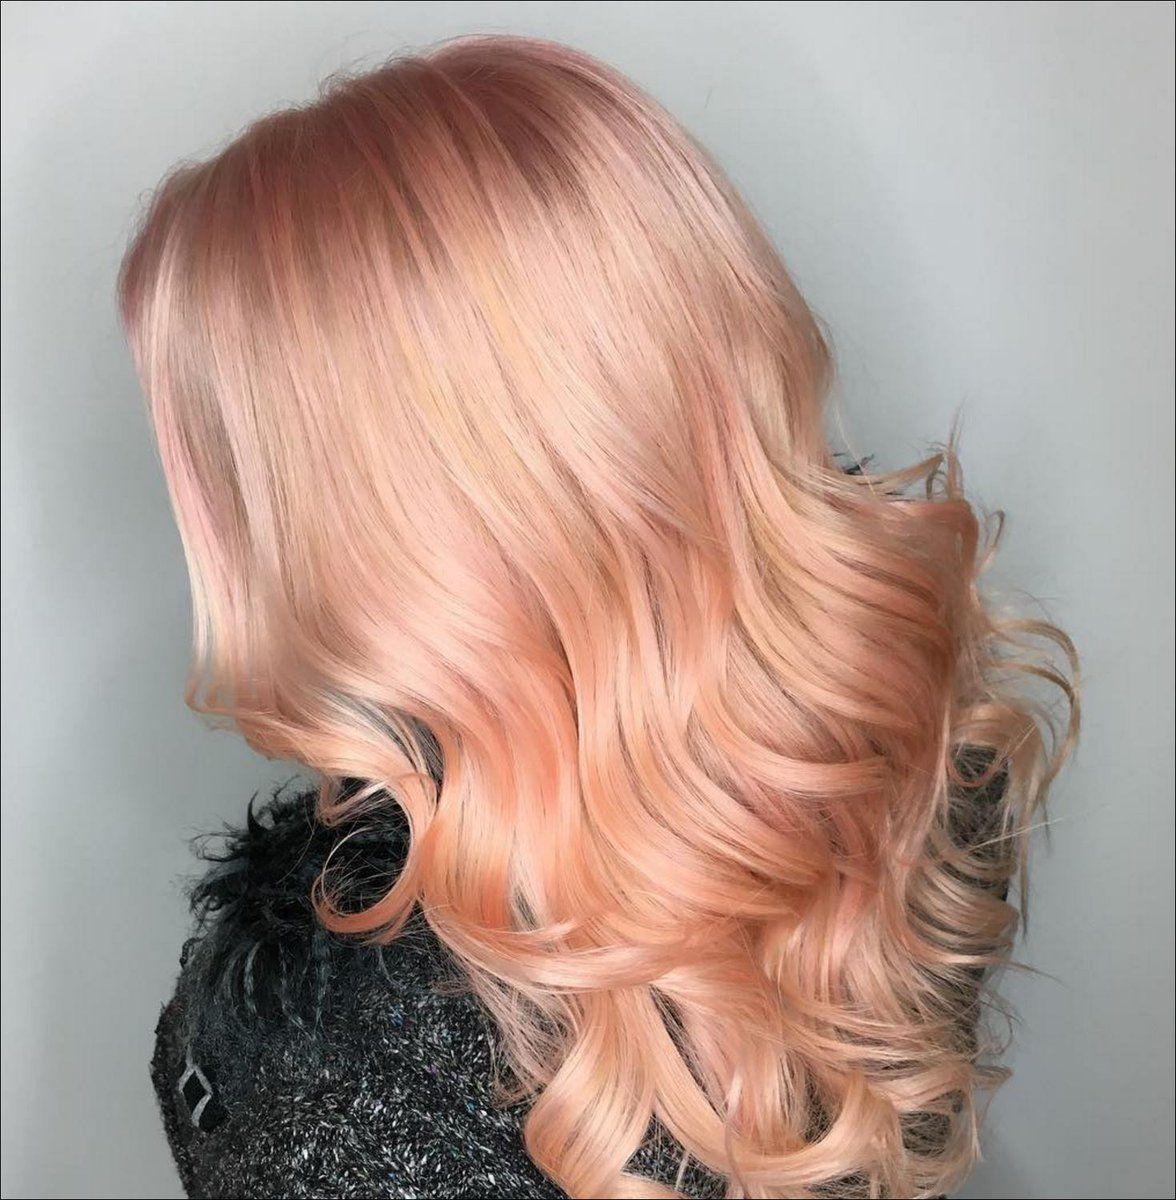 30 Unique Vibrant Blorange Hair Ideas For The Stylish New Look Blorange Hair Hair New Hair Trends